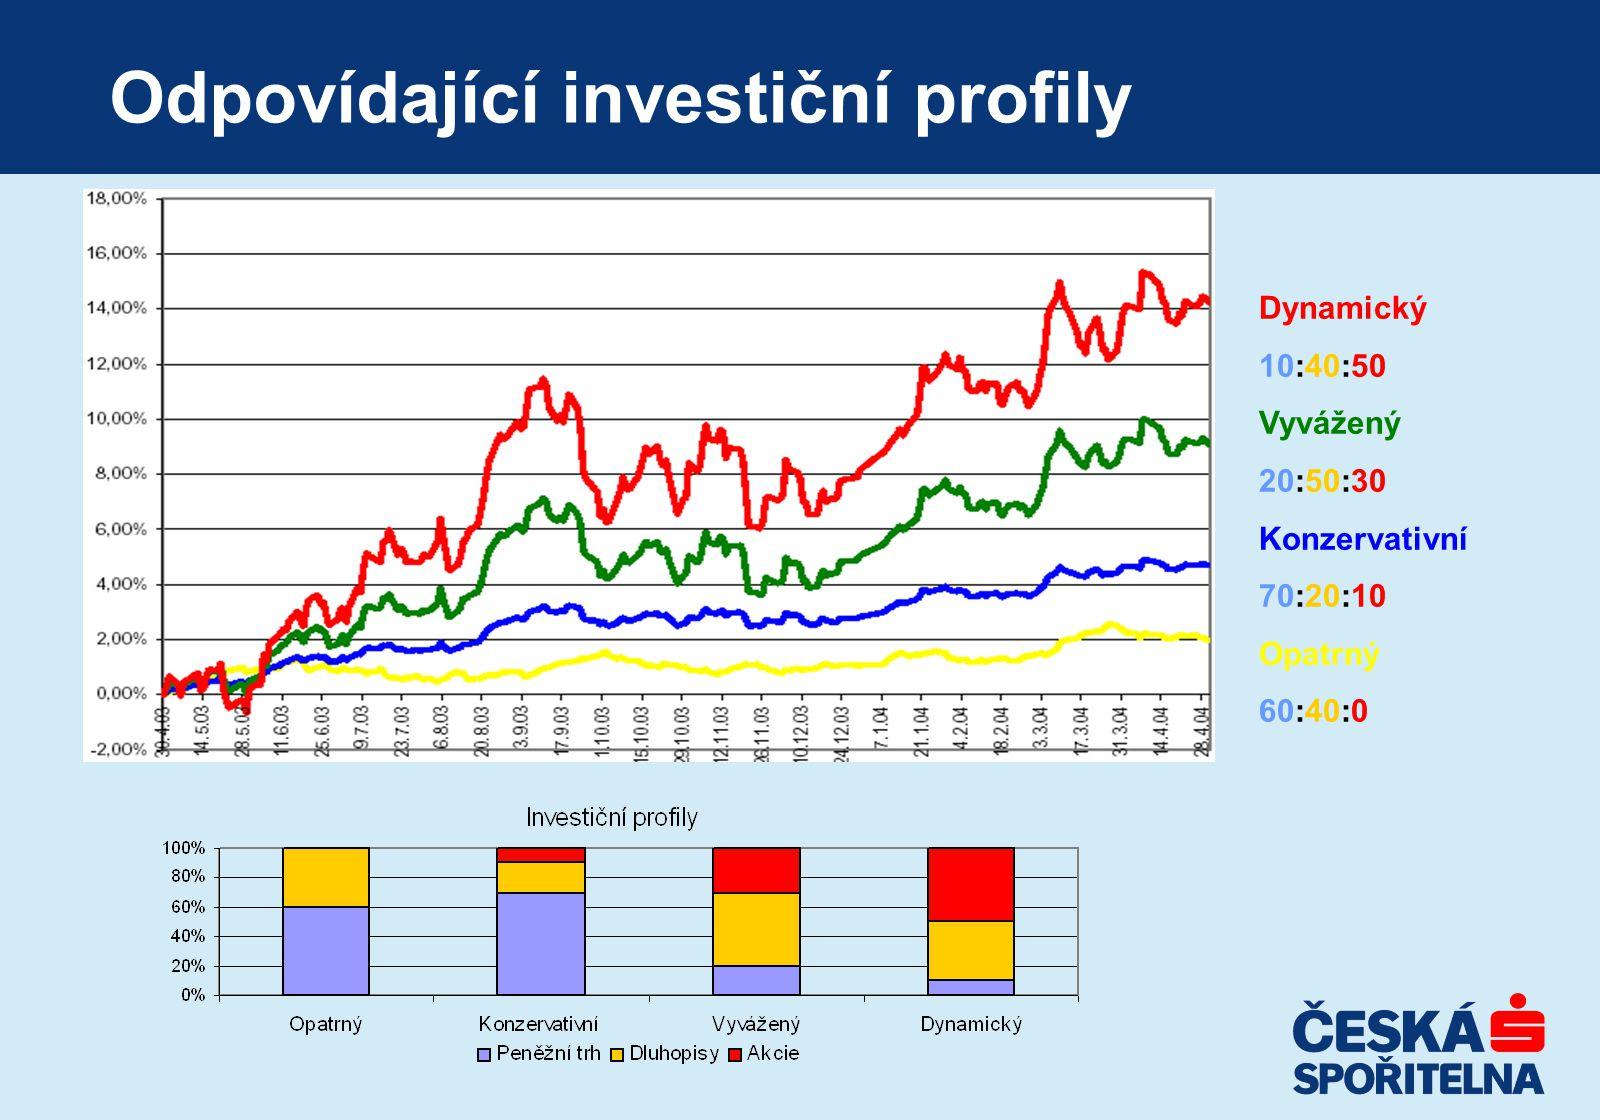 Odpovídající investiční profily Dynamický 10:40:50 Vyvážený 20:50:30 Konzervativní 70:20:10 Opatrný 60:40:0